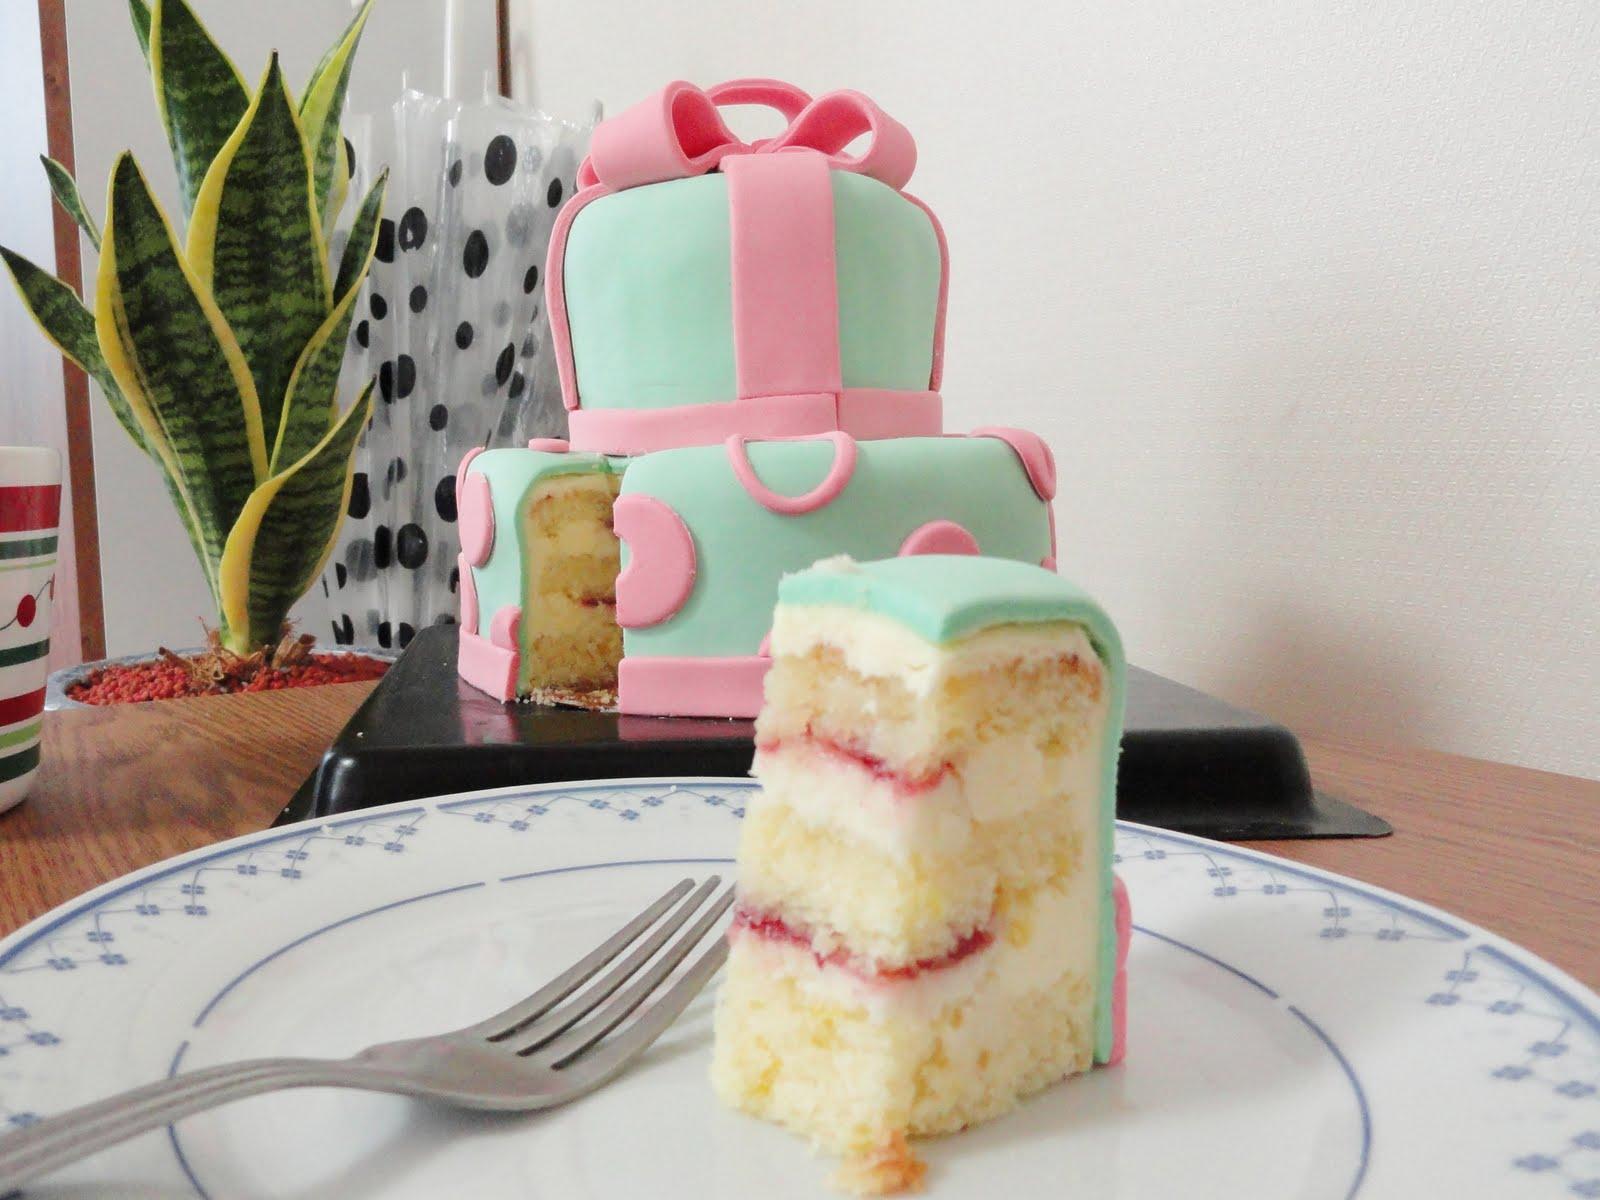 Cake fondant recipes